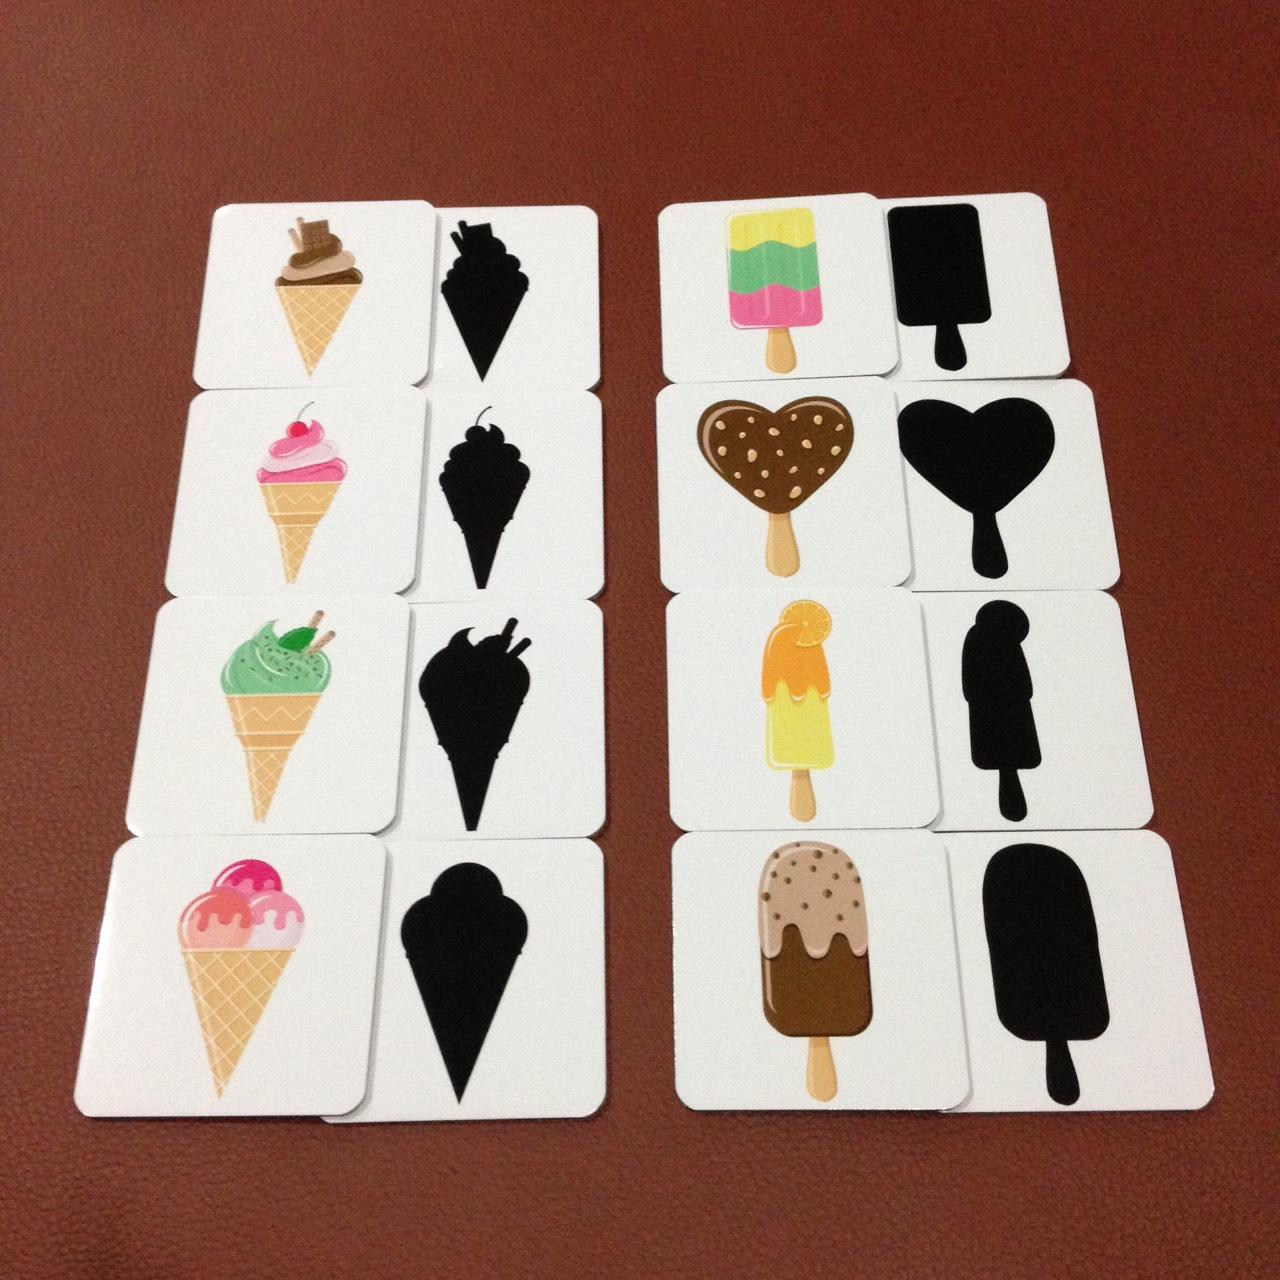 เกมจับคู่เงา ชุดไอศกรีม สำหรับเด็ก 2 ขวบขึ้นไป